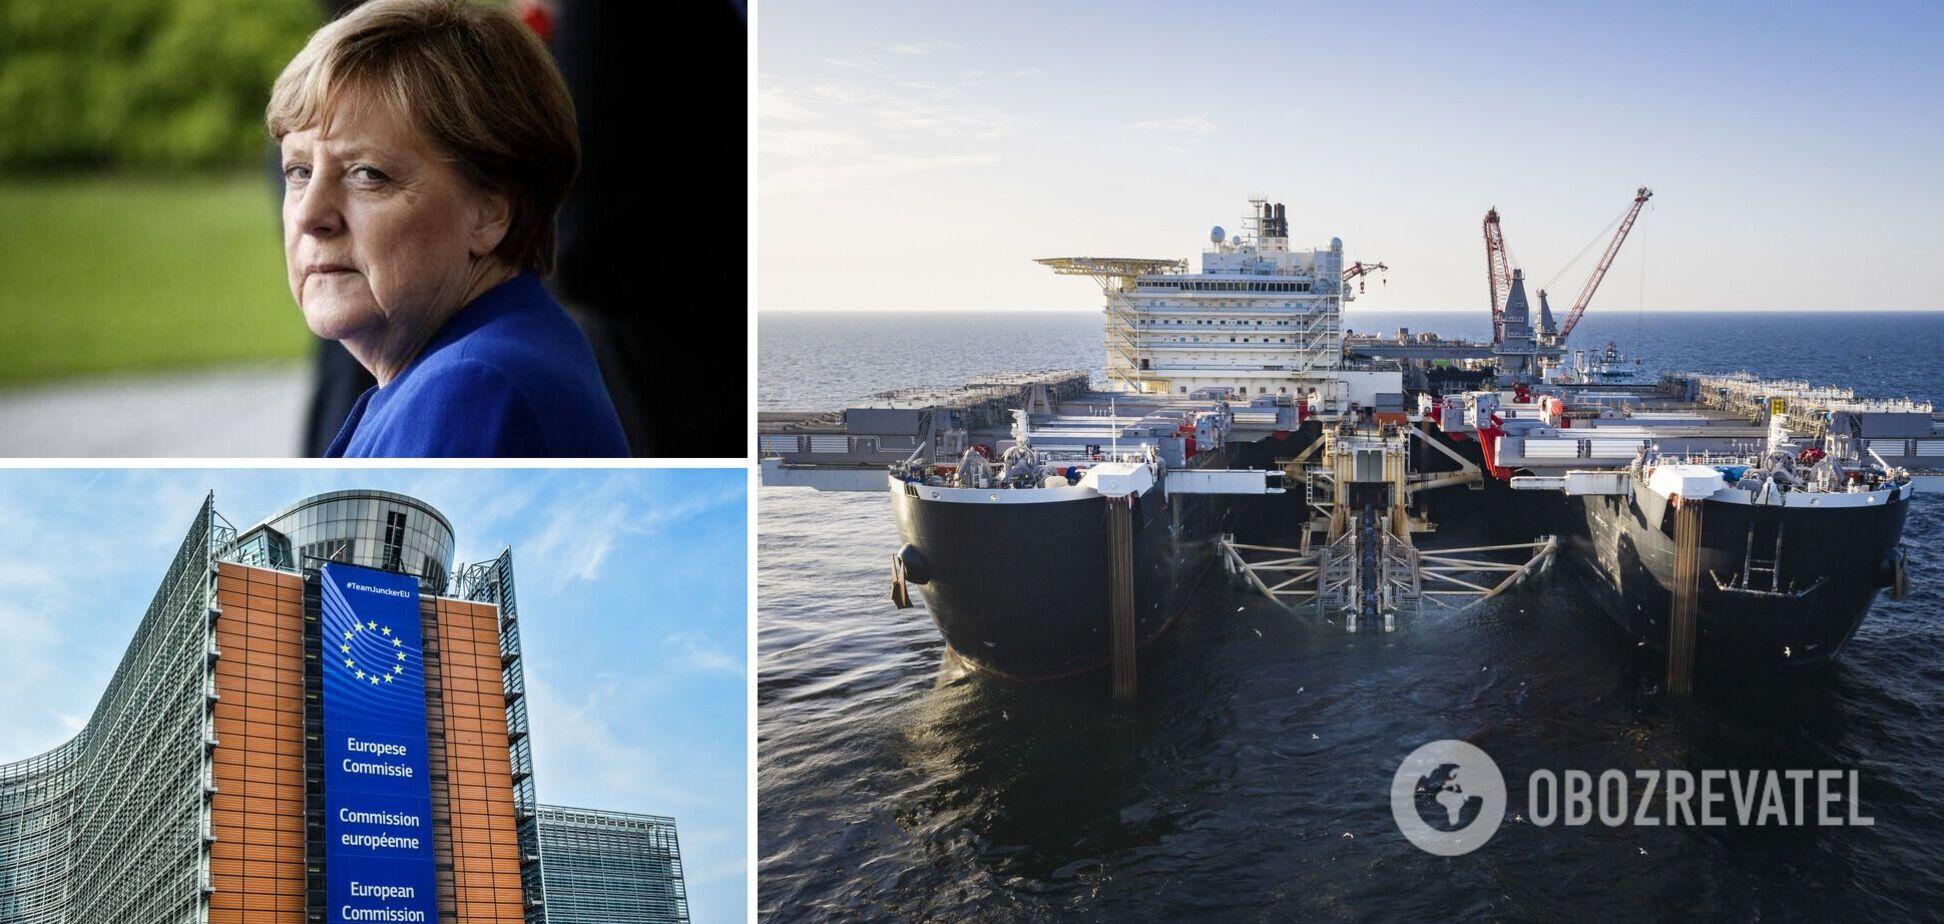 Єврокомісія та Меркель розійшлися в поглядах на 'Північний потік-2': віцепрезидент розкрив деталі